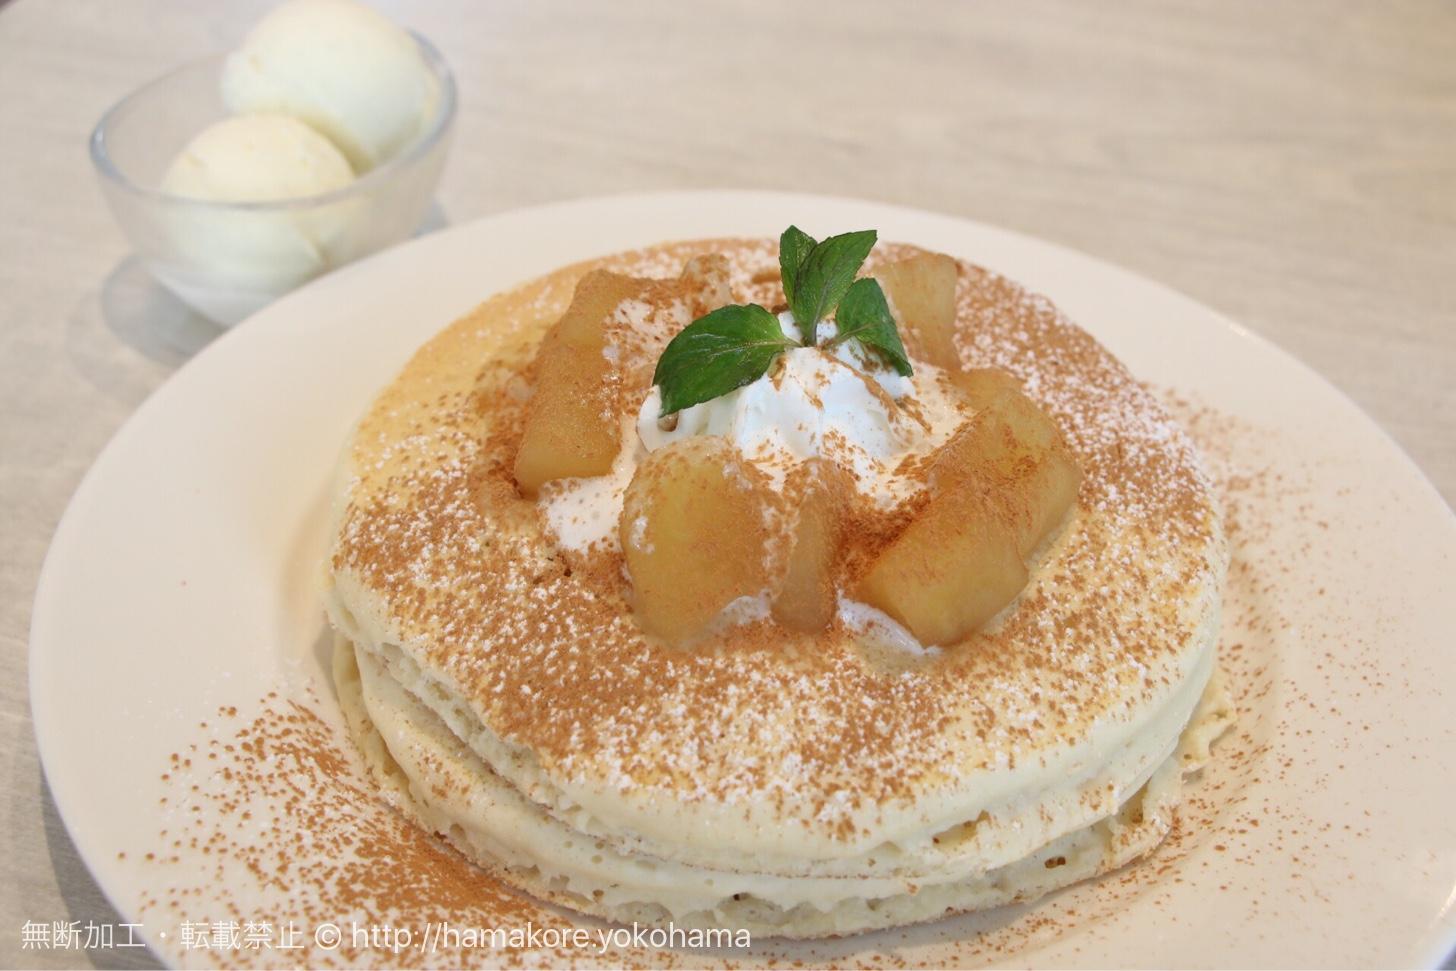 シナモンアップルのパンケーキ